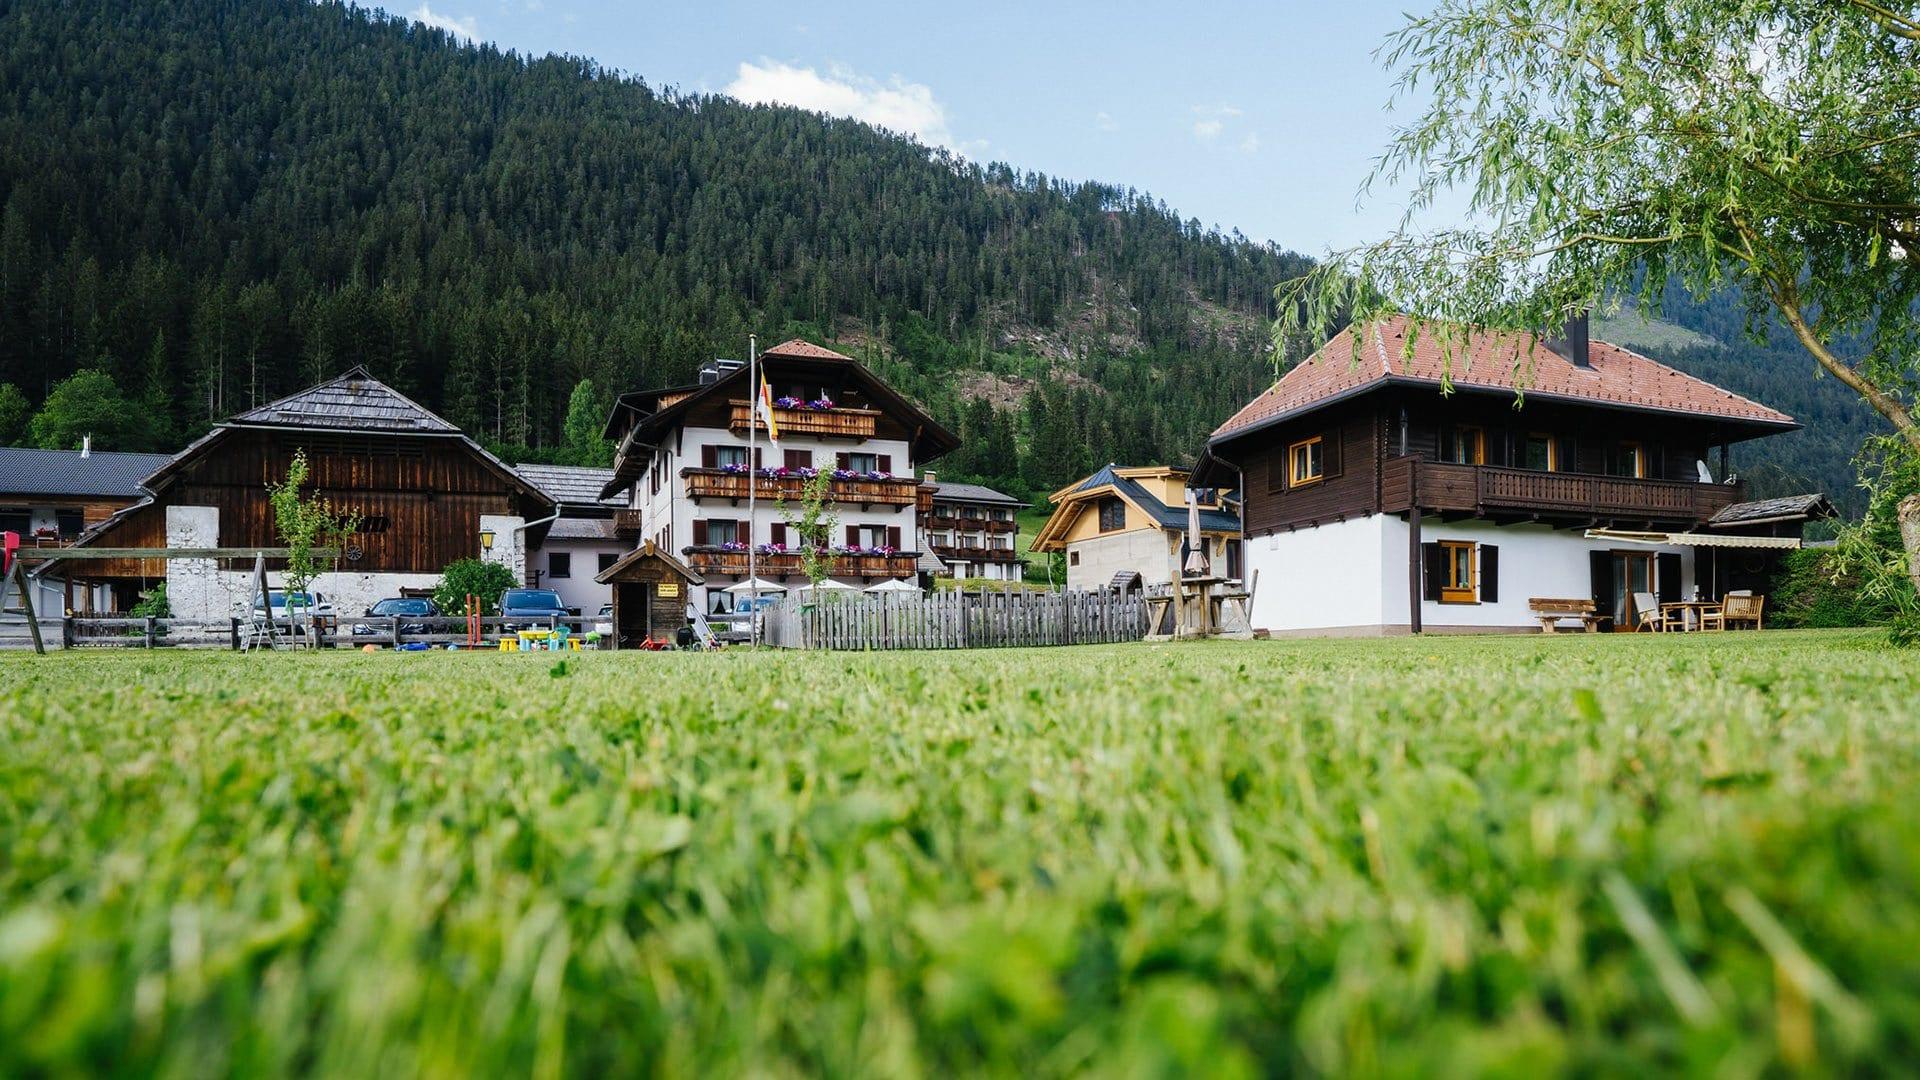 Ferienhof-Hoffmann-Urlaub-am-Weissensee-1